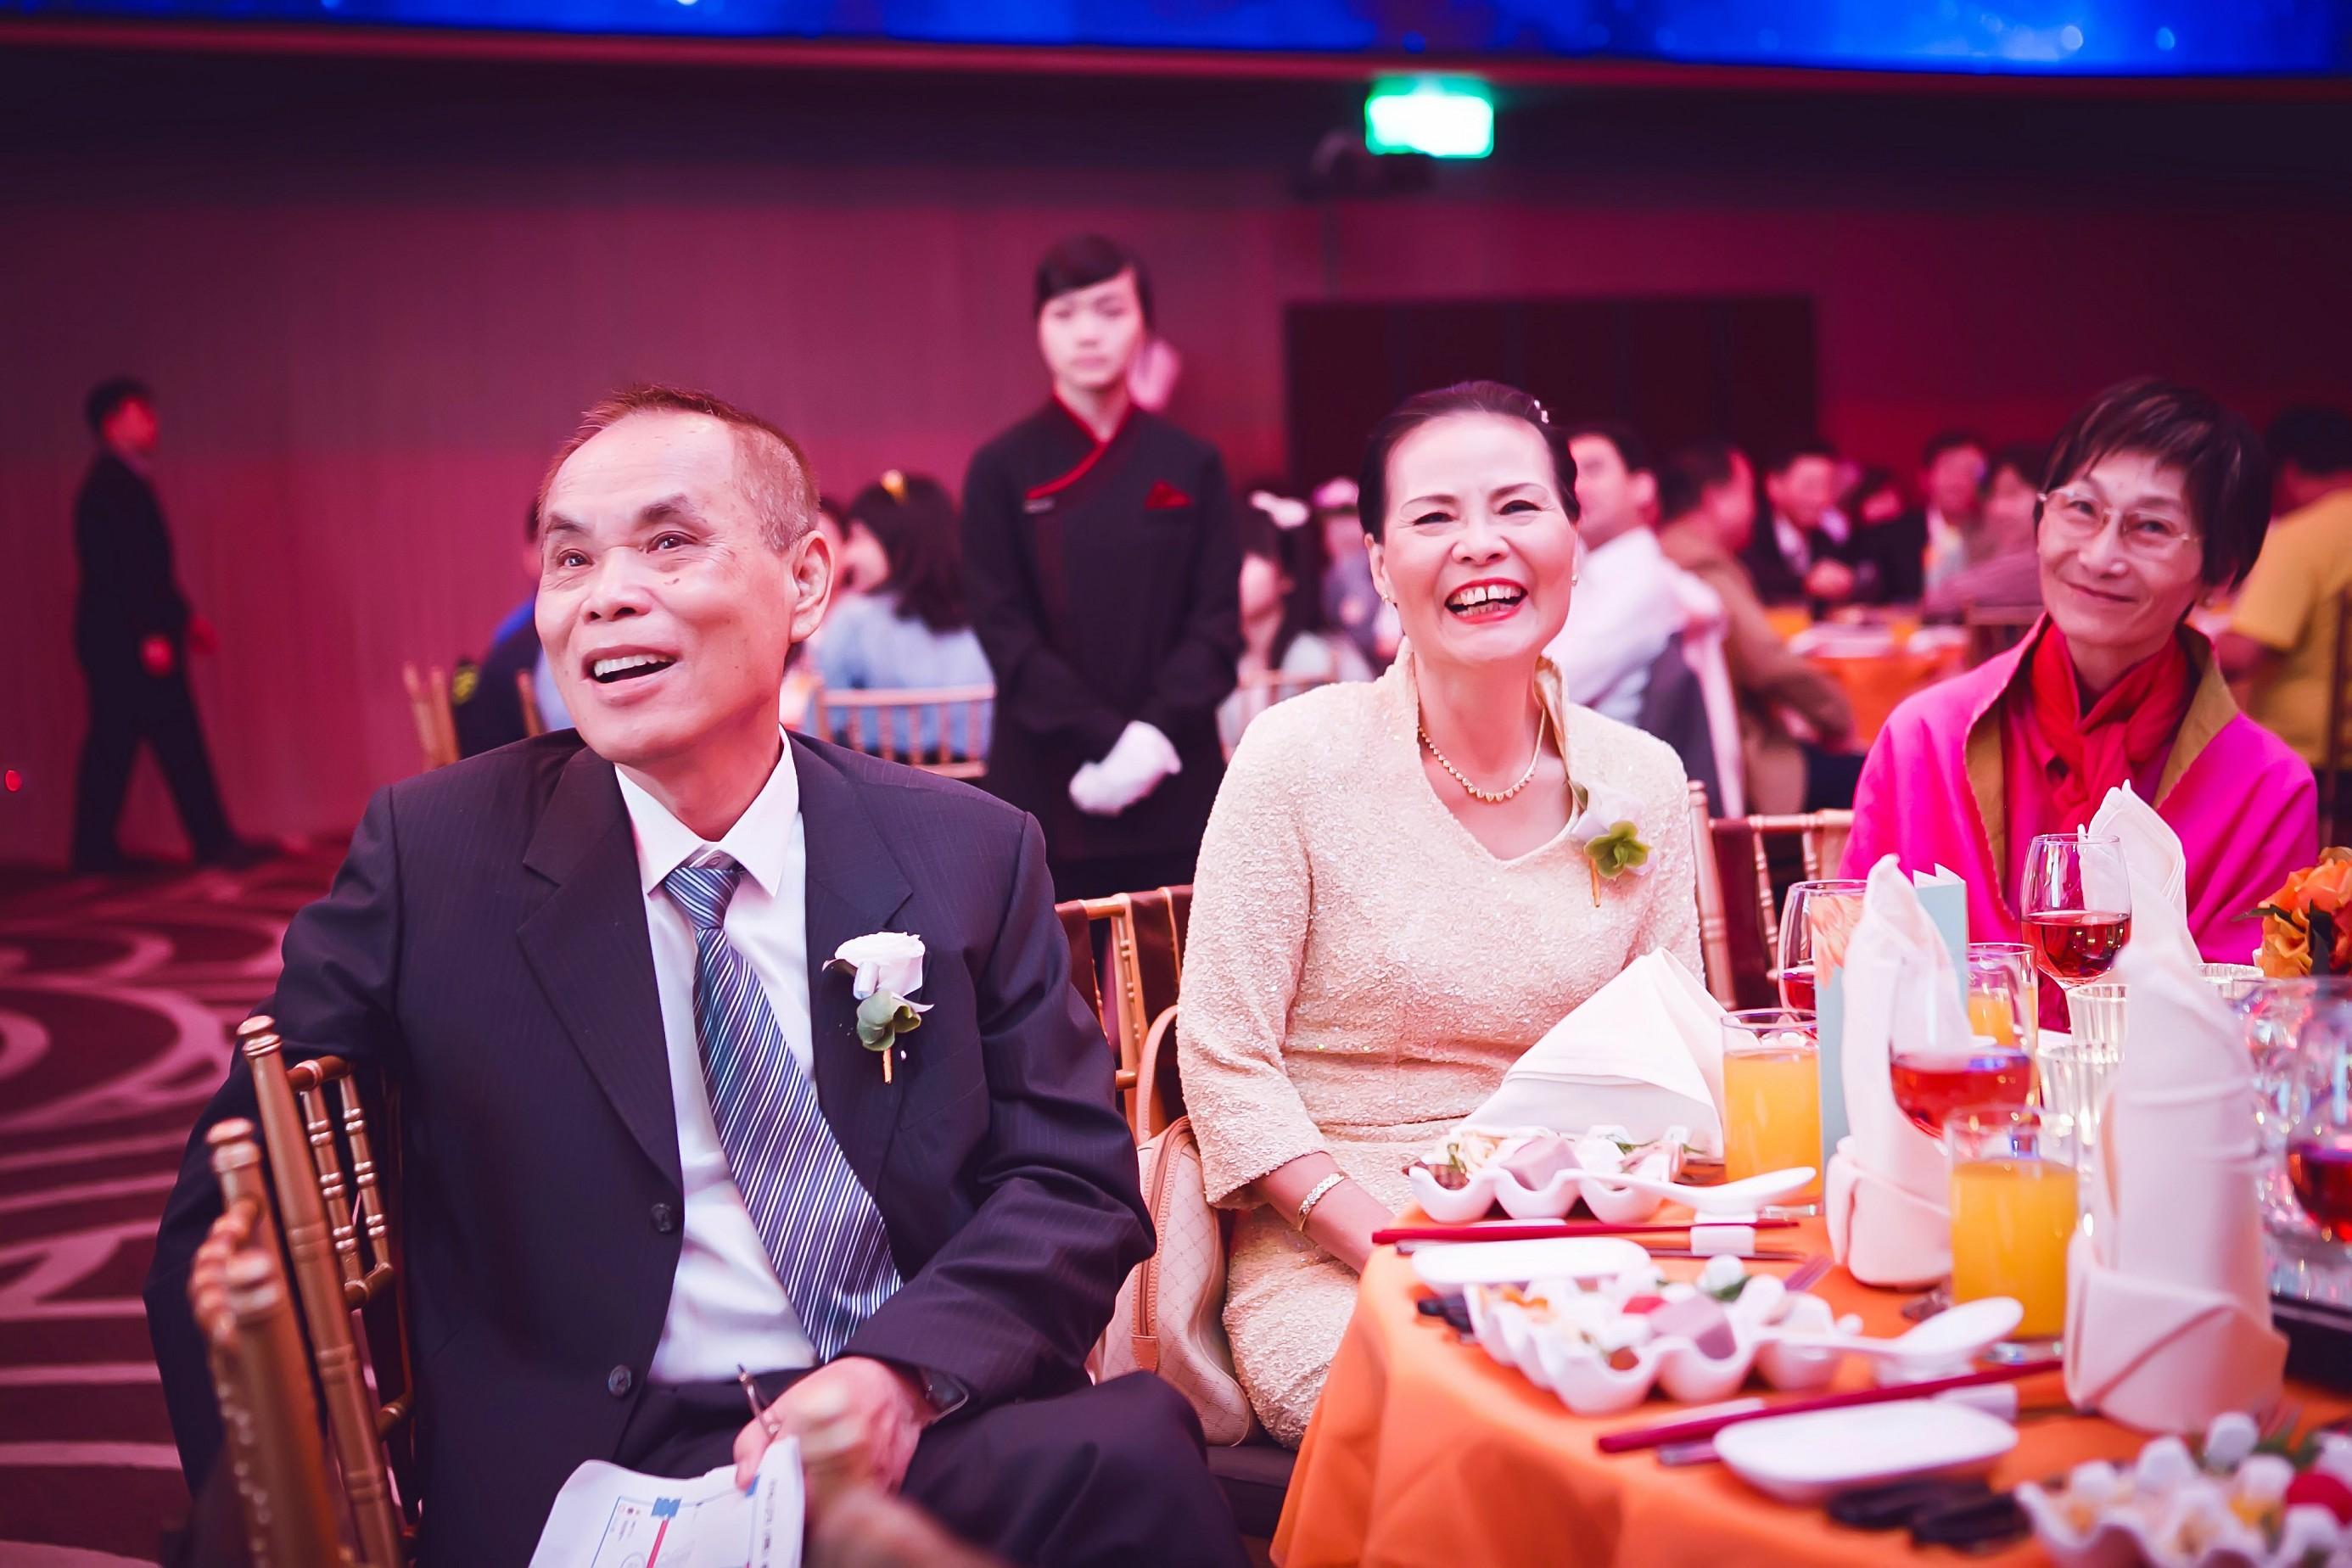 婚禮人weddingpeople婚禮主持婚禮顧問